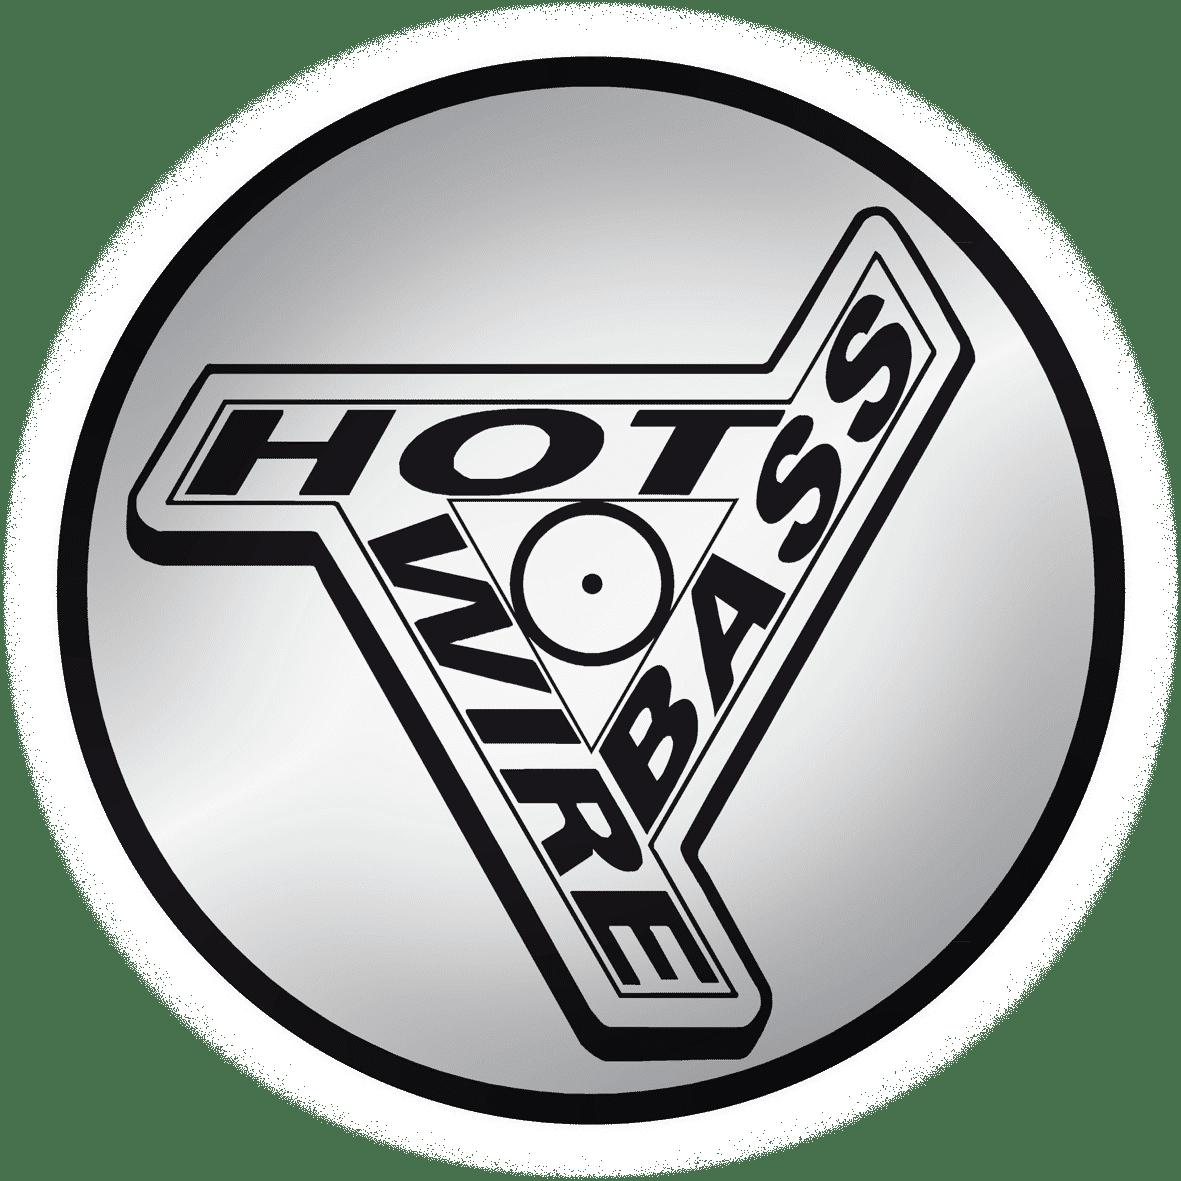 hotwire-bass.de logo